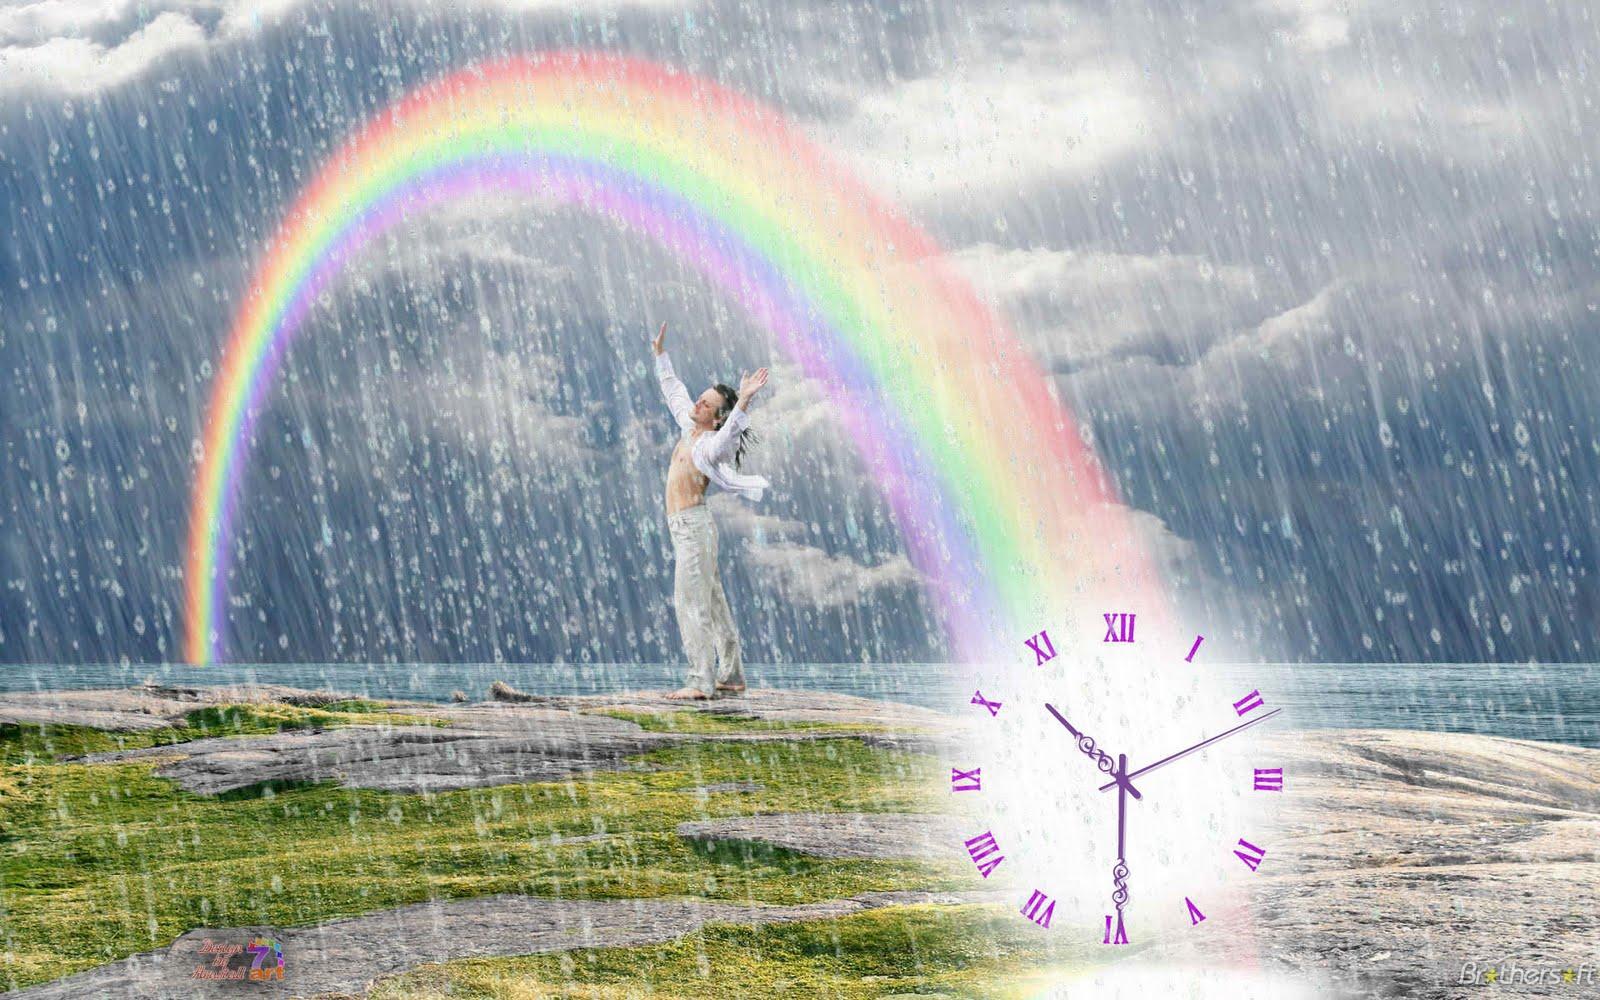 Похолодало, с ночи лупит дождь, не стеной, а обложной сыплет с неба нудно и неустанно